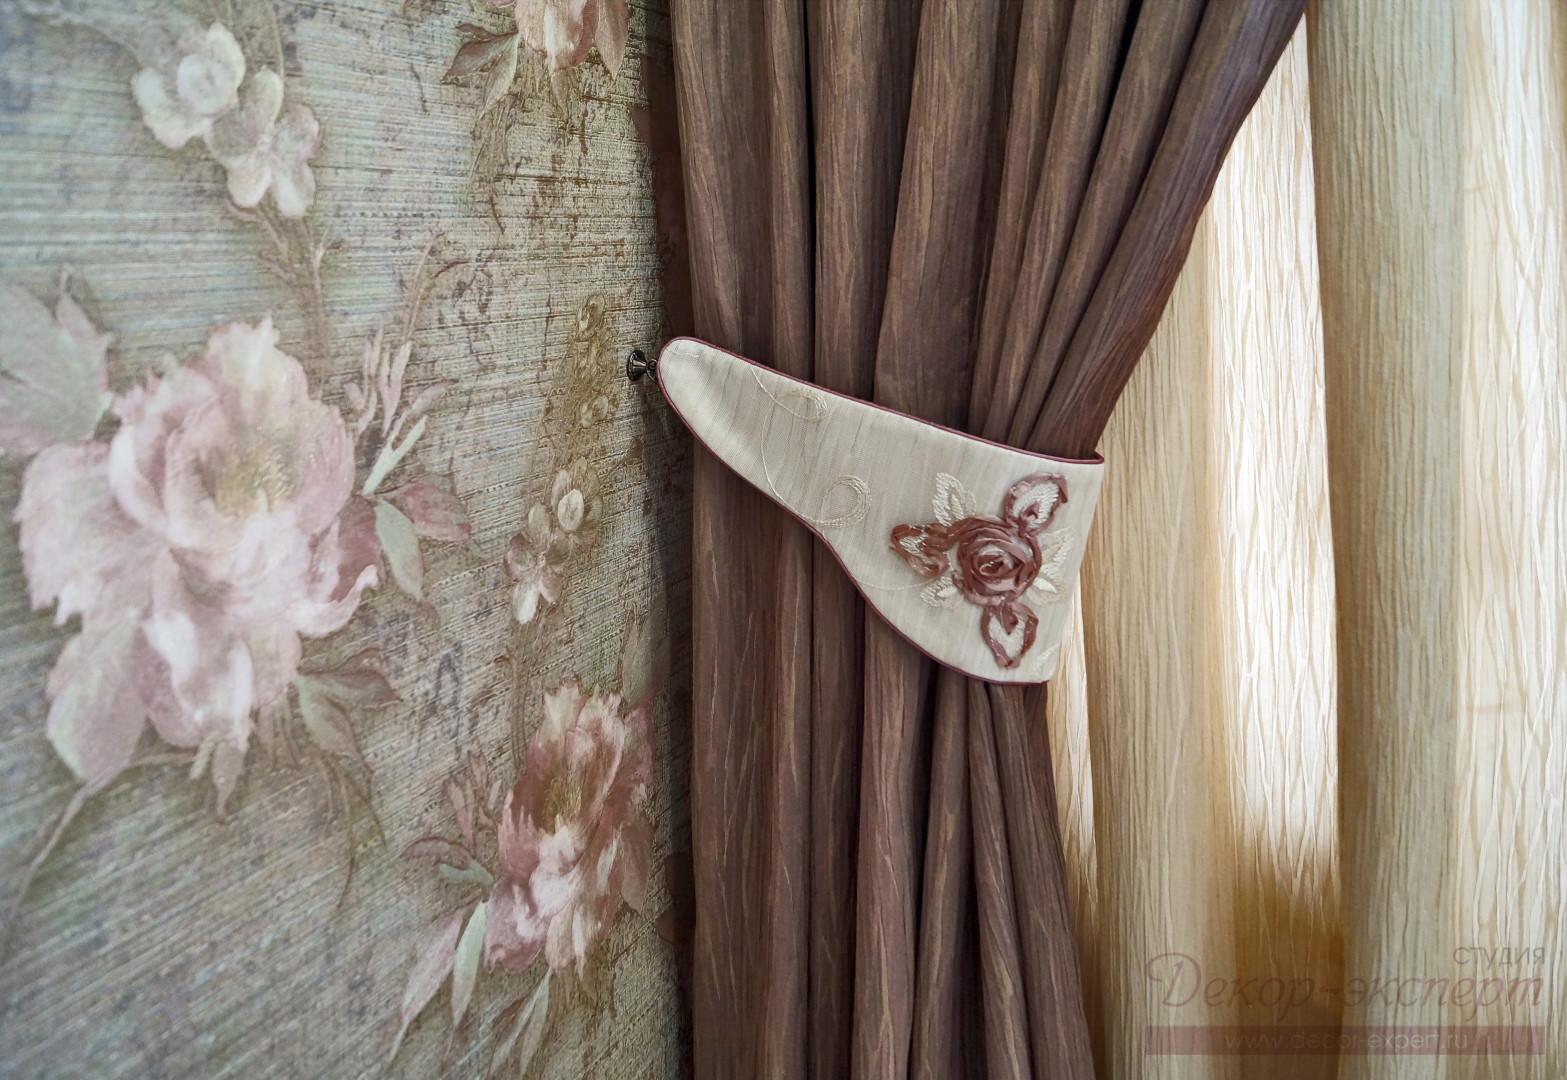 Оригинальный подхват для штор из основной ткани молочного цвета с отделкой шнуром под обтяжку.